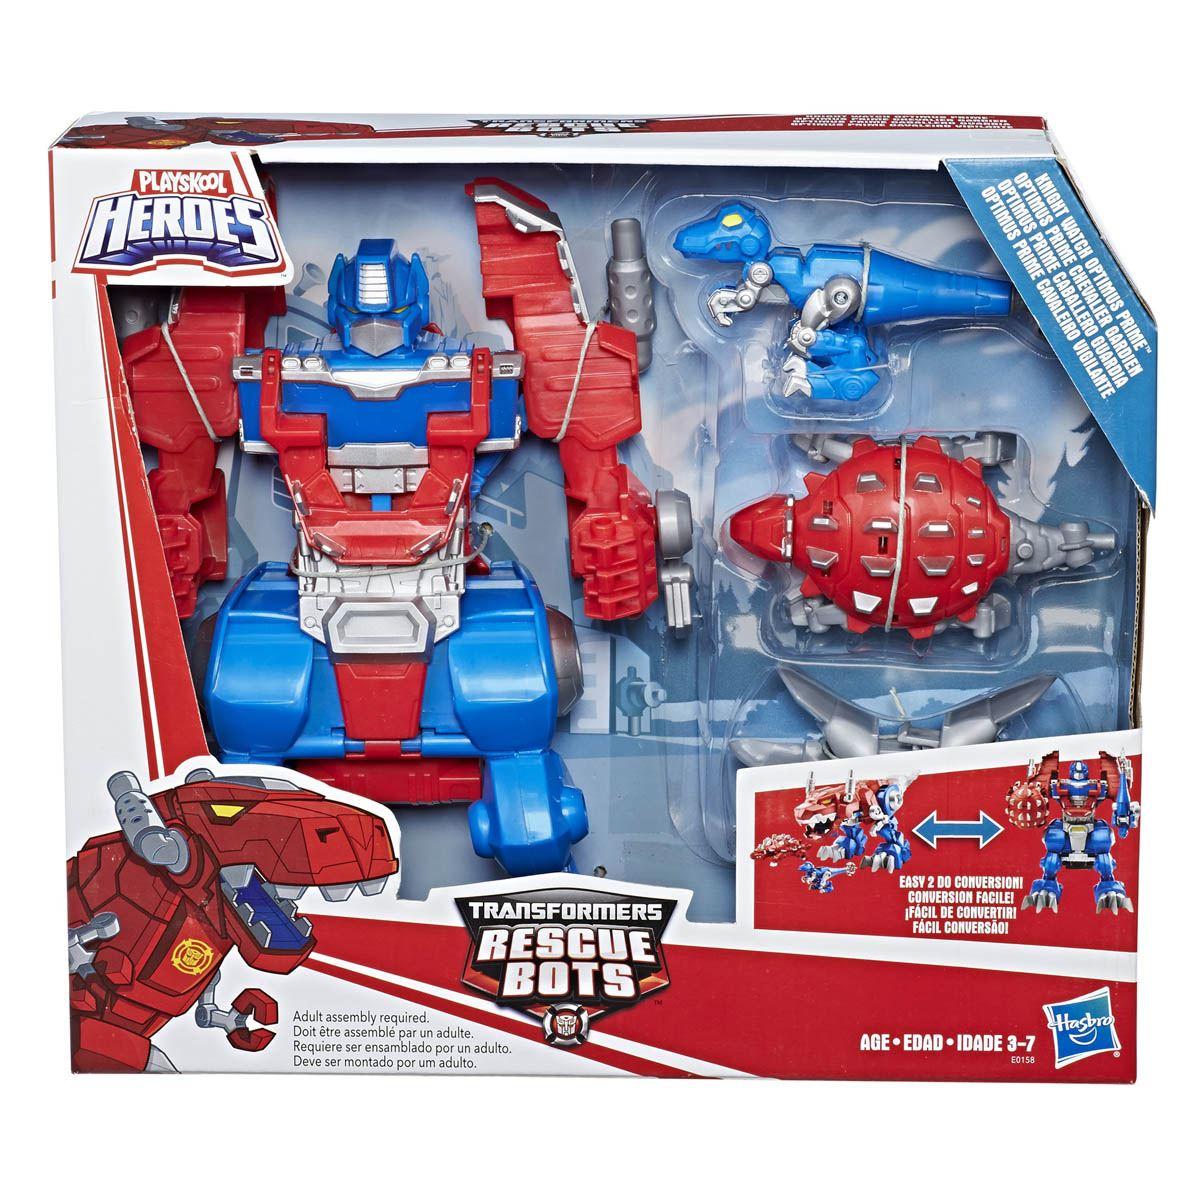 sanborns Optimus prime RESCUE BOTS